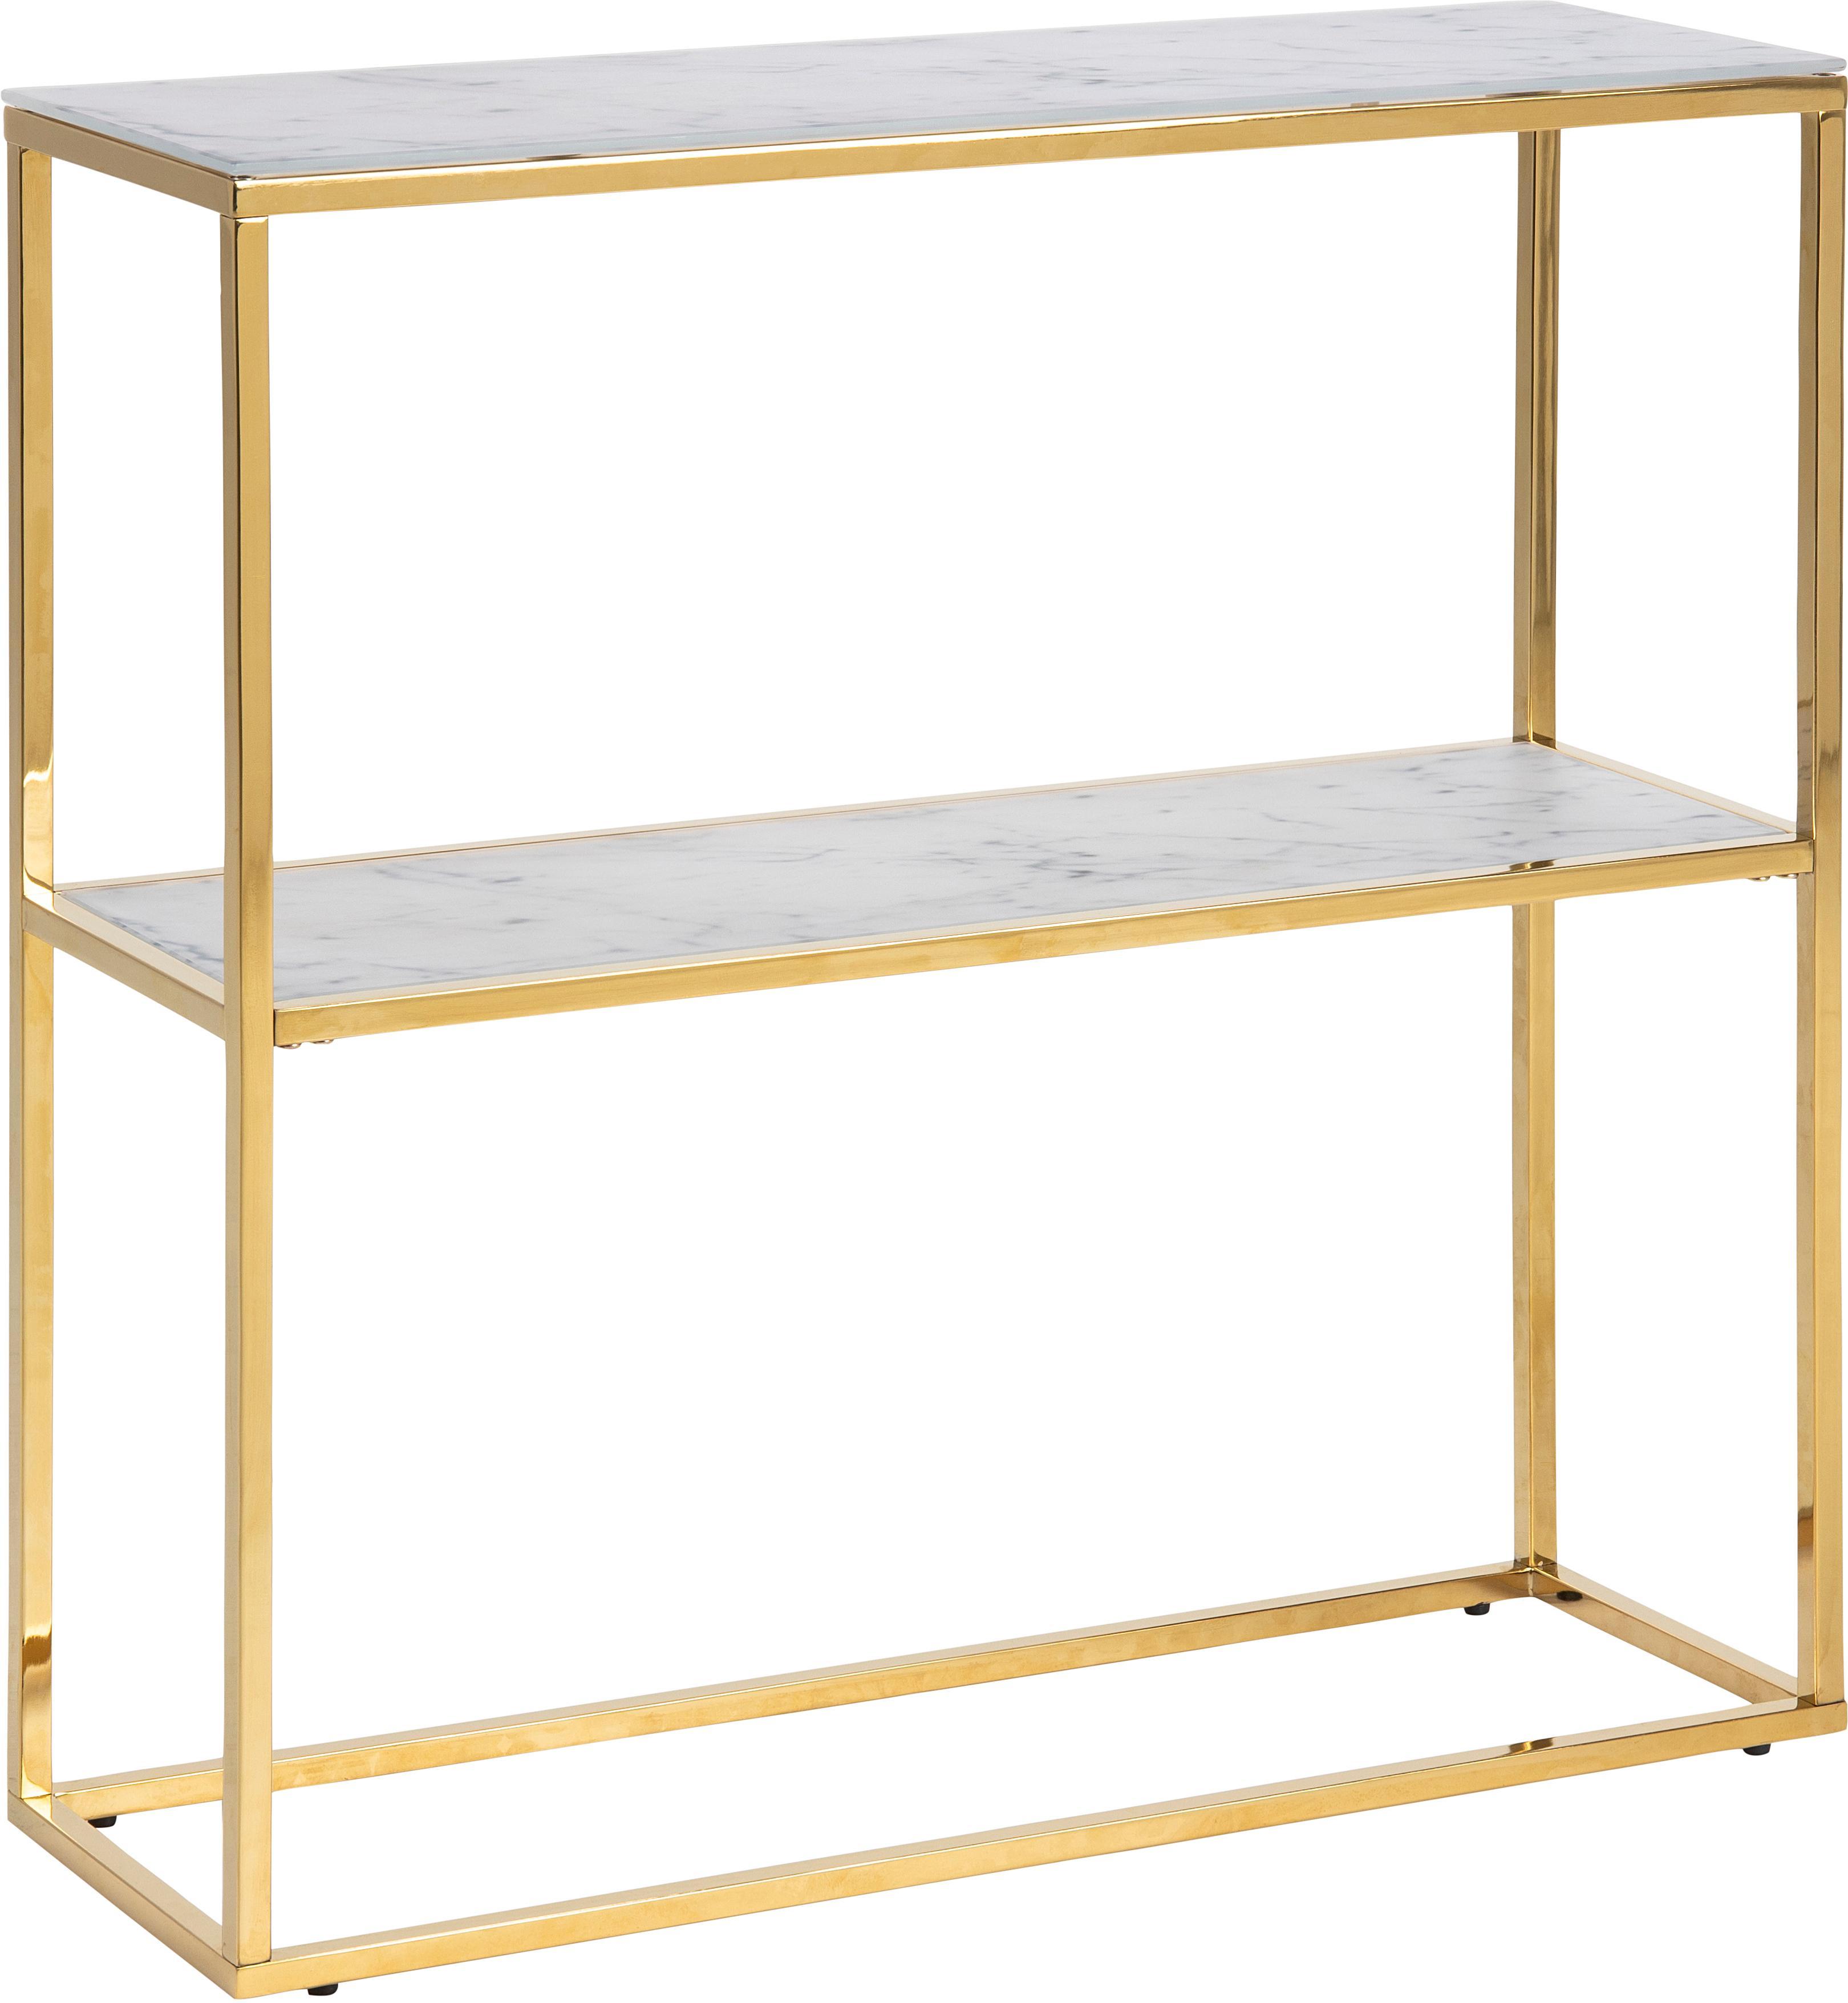 Estantería de metal Aruba, Estantes: vidrio, Estructura: metal laminado, Blanco, dorado, An 80 x Al 81 cm